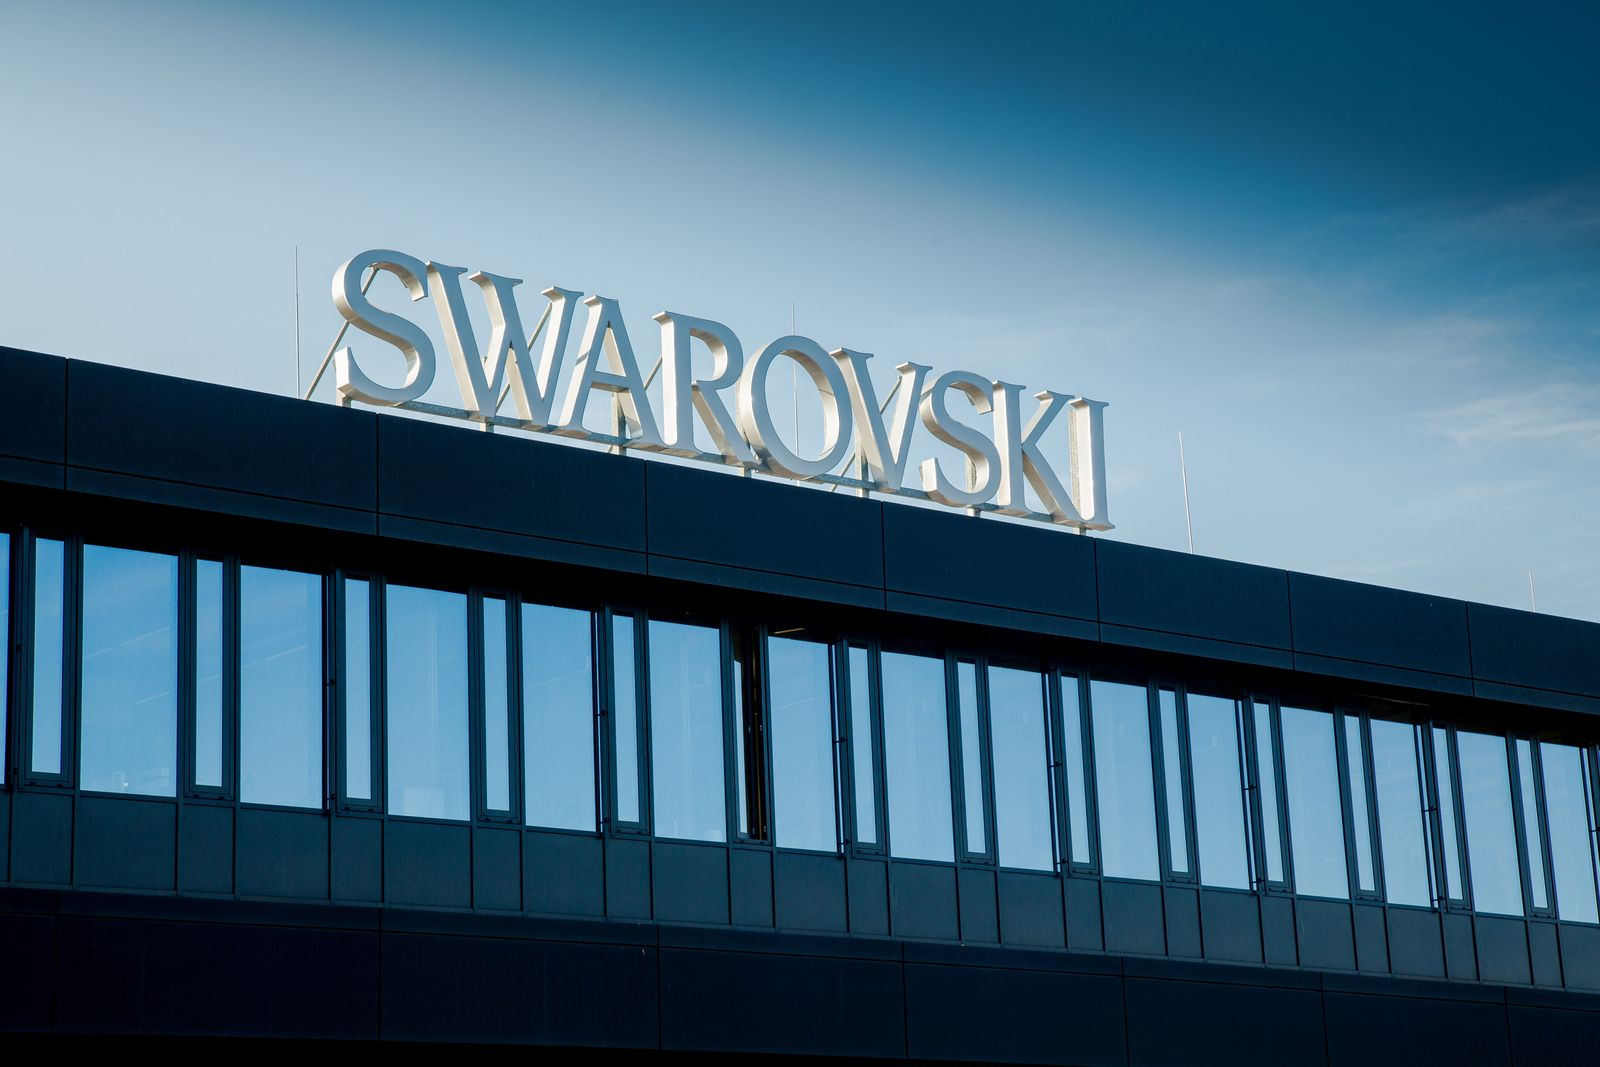 Swarovski Subotica